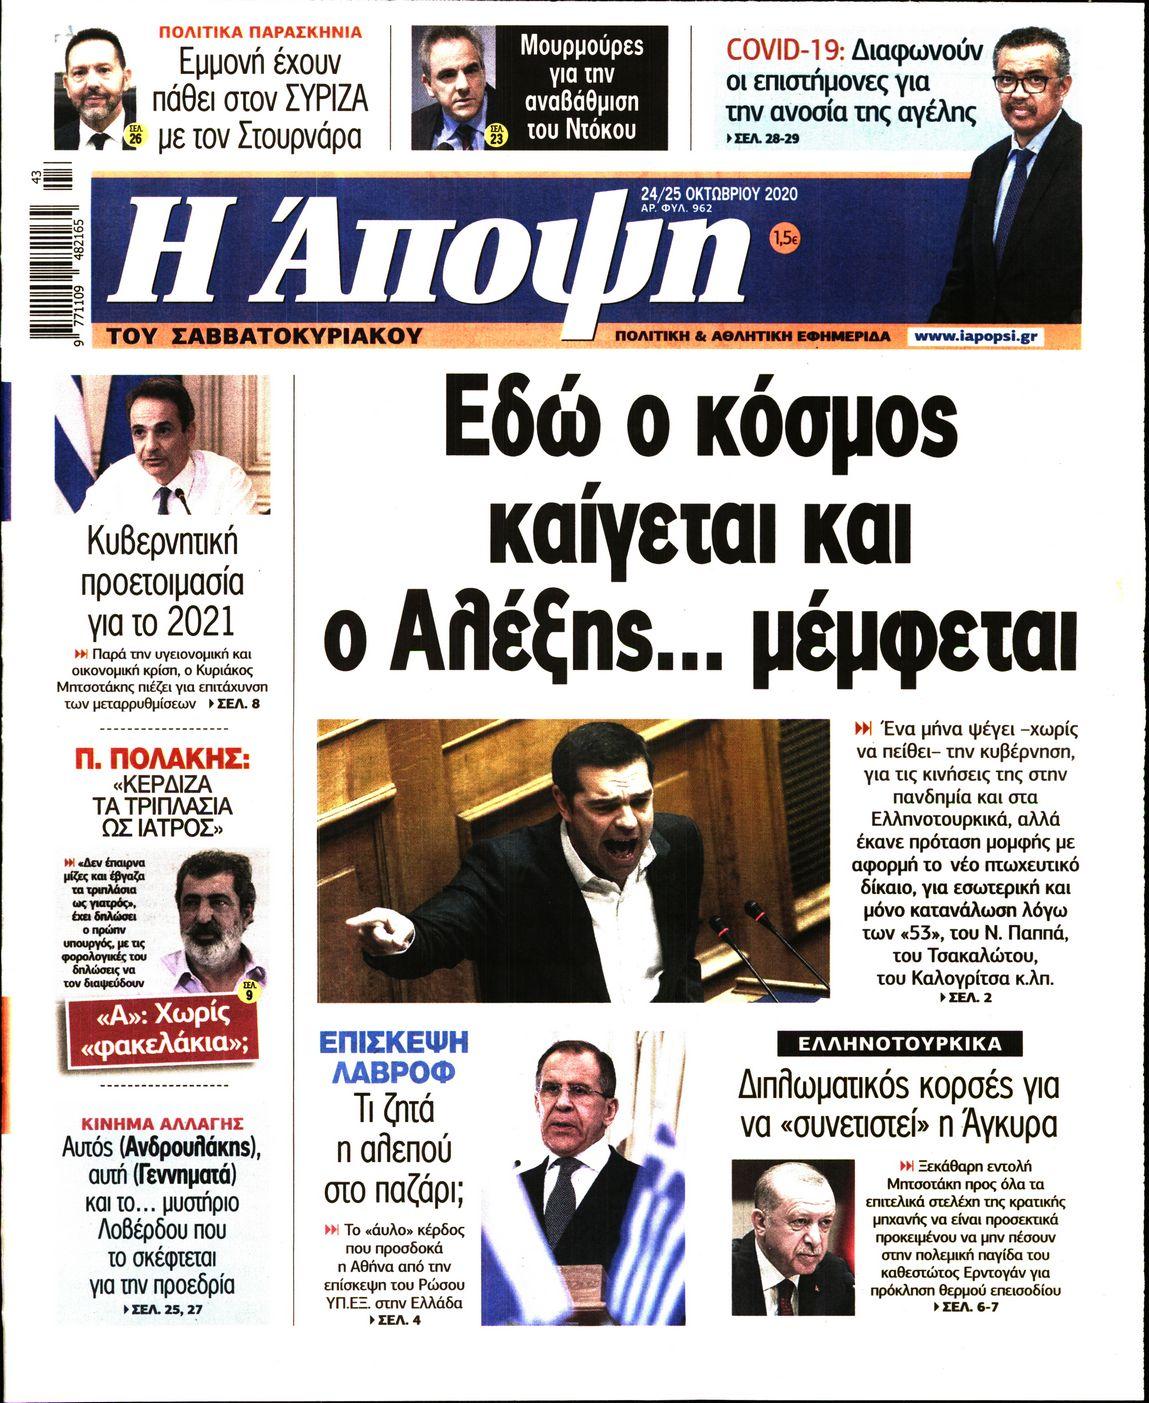 https://www.newsbeast.gr/files/1/newspapers/2020/10/24/27542380_1033.jpg